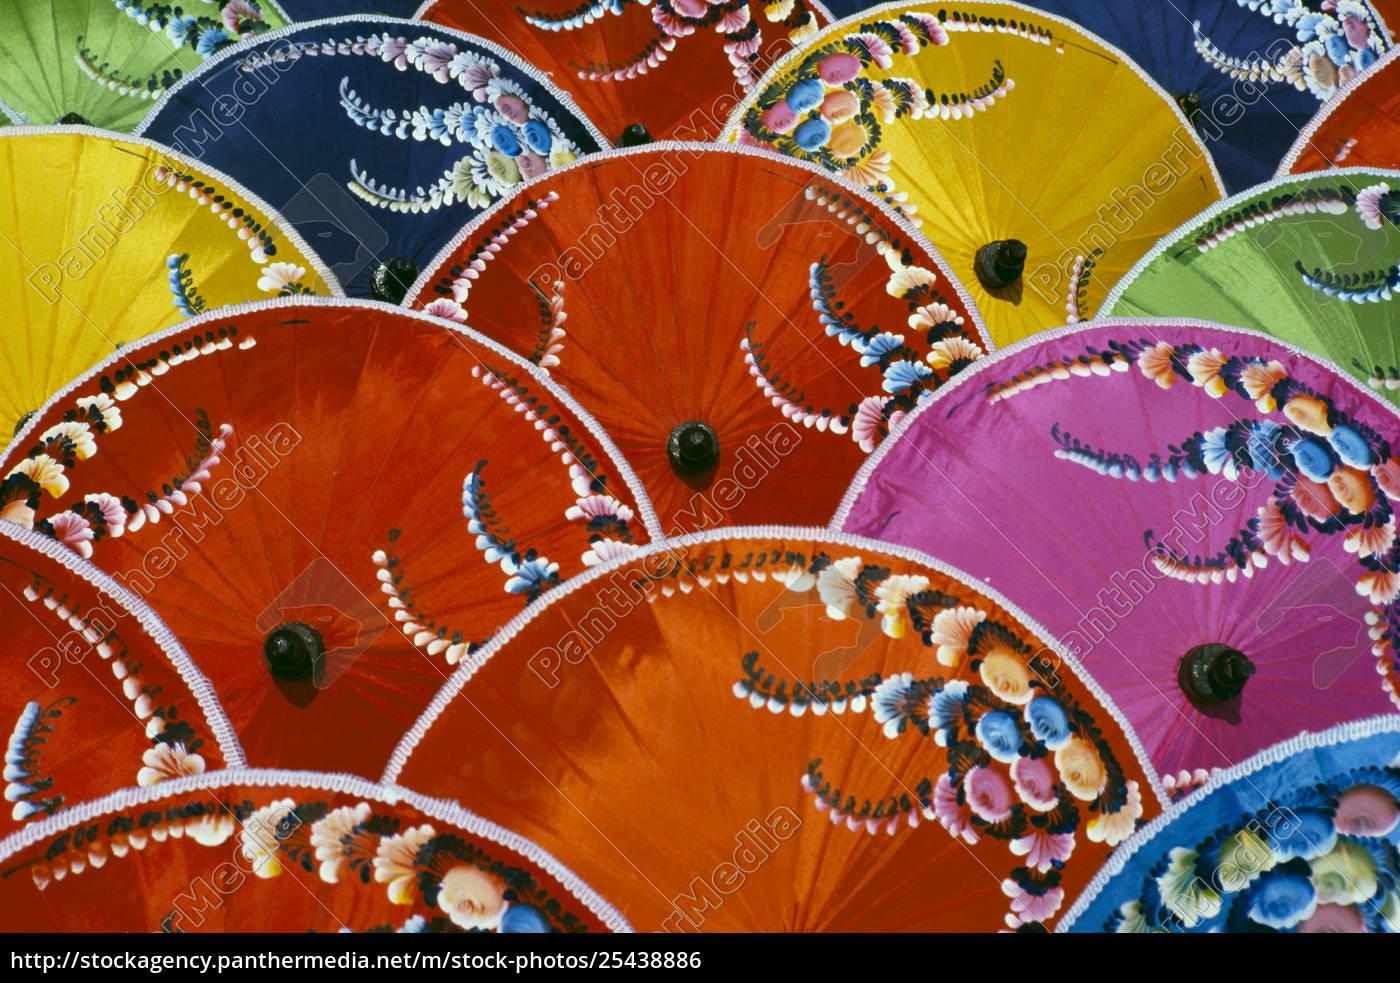 thailand, seidenschirm, fabrik, nahaufnahme, von, vielen, bunten, regenschirmen - 25438886